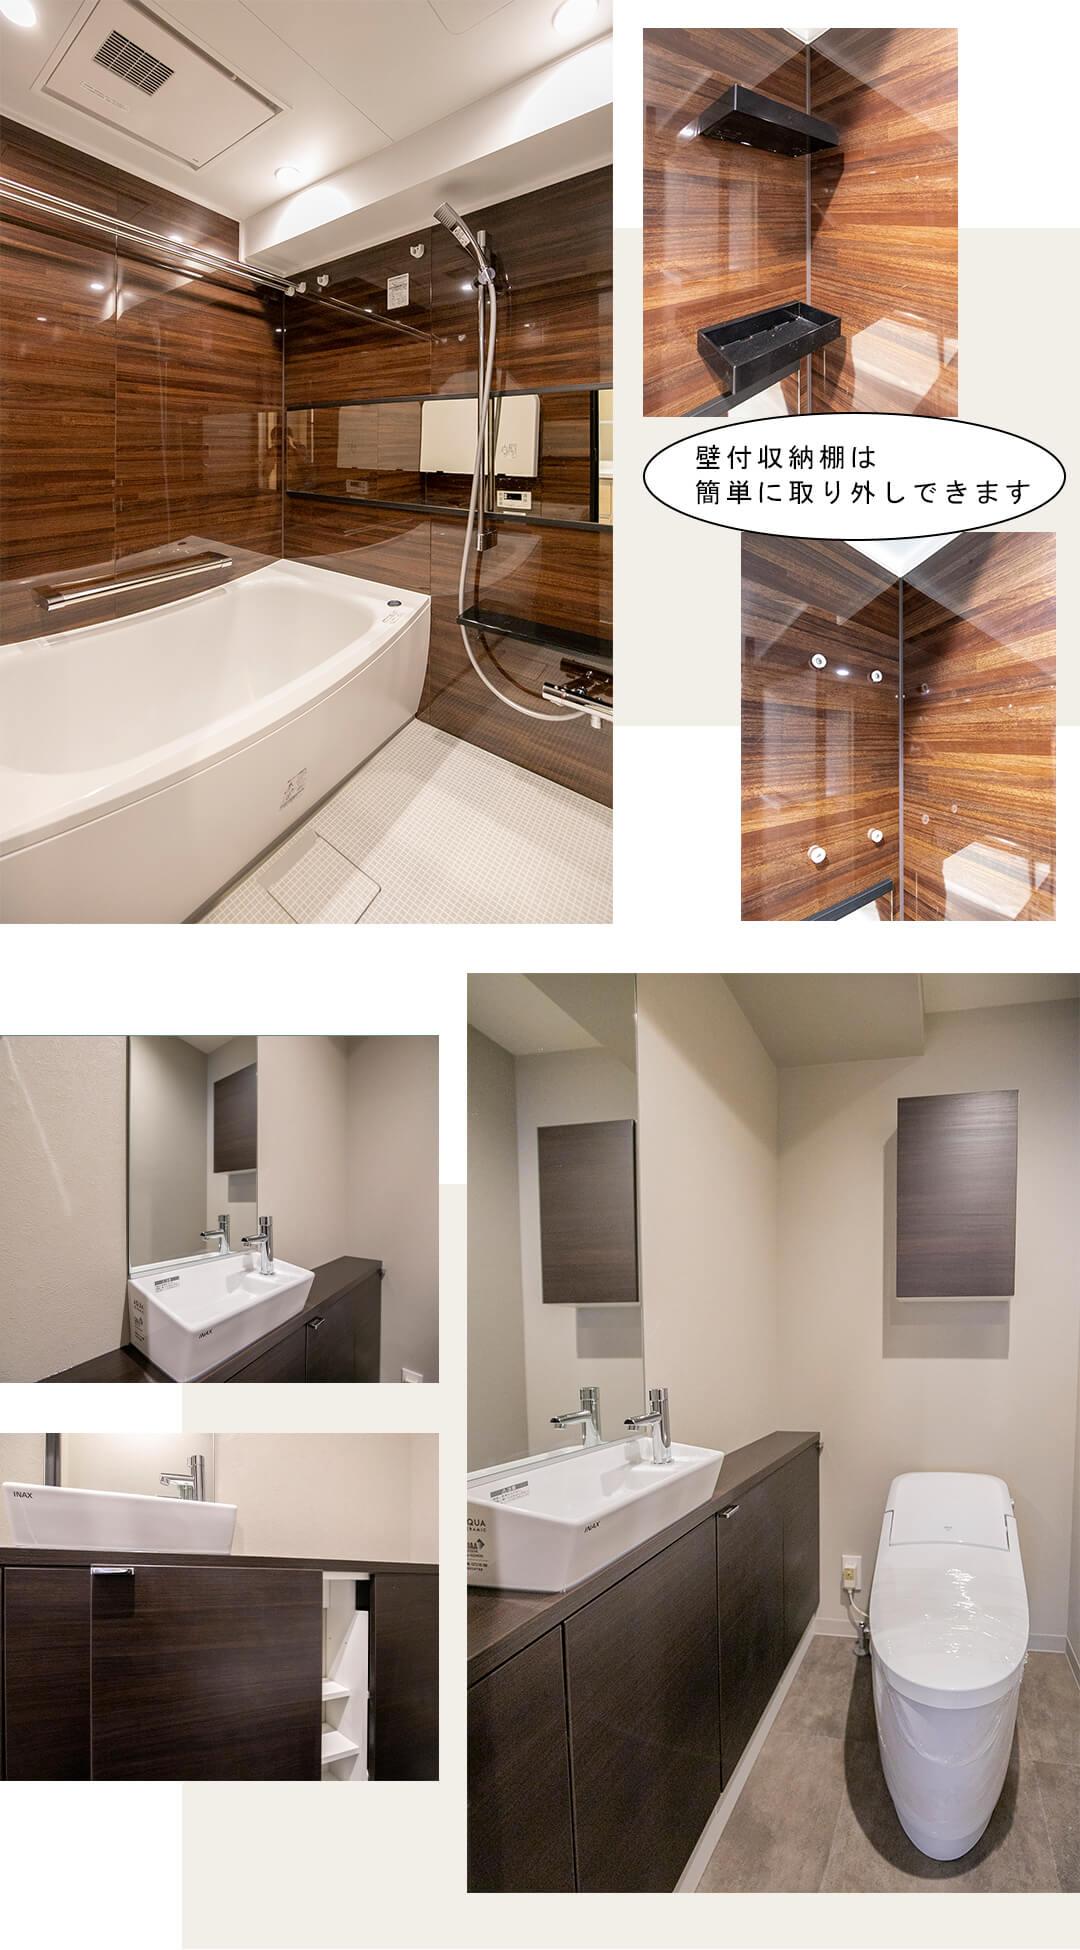 グランシティ日本橋人形町の浴室とトイレ